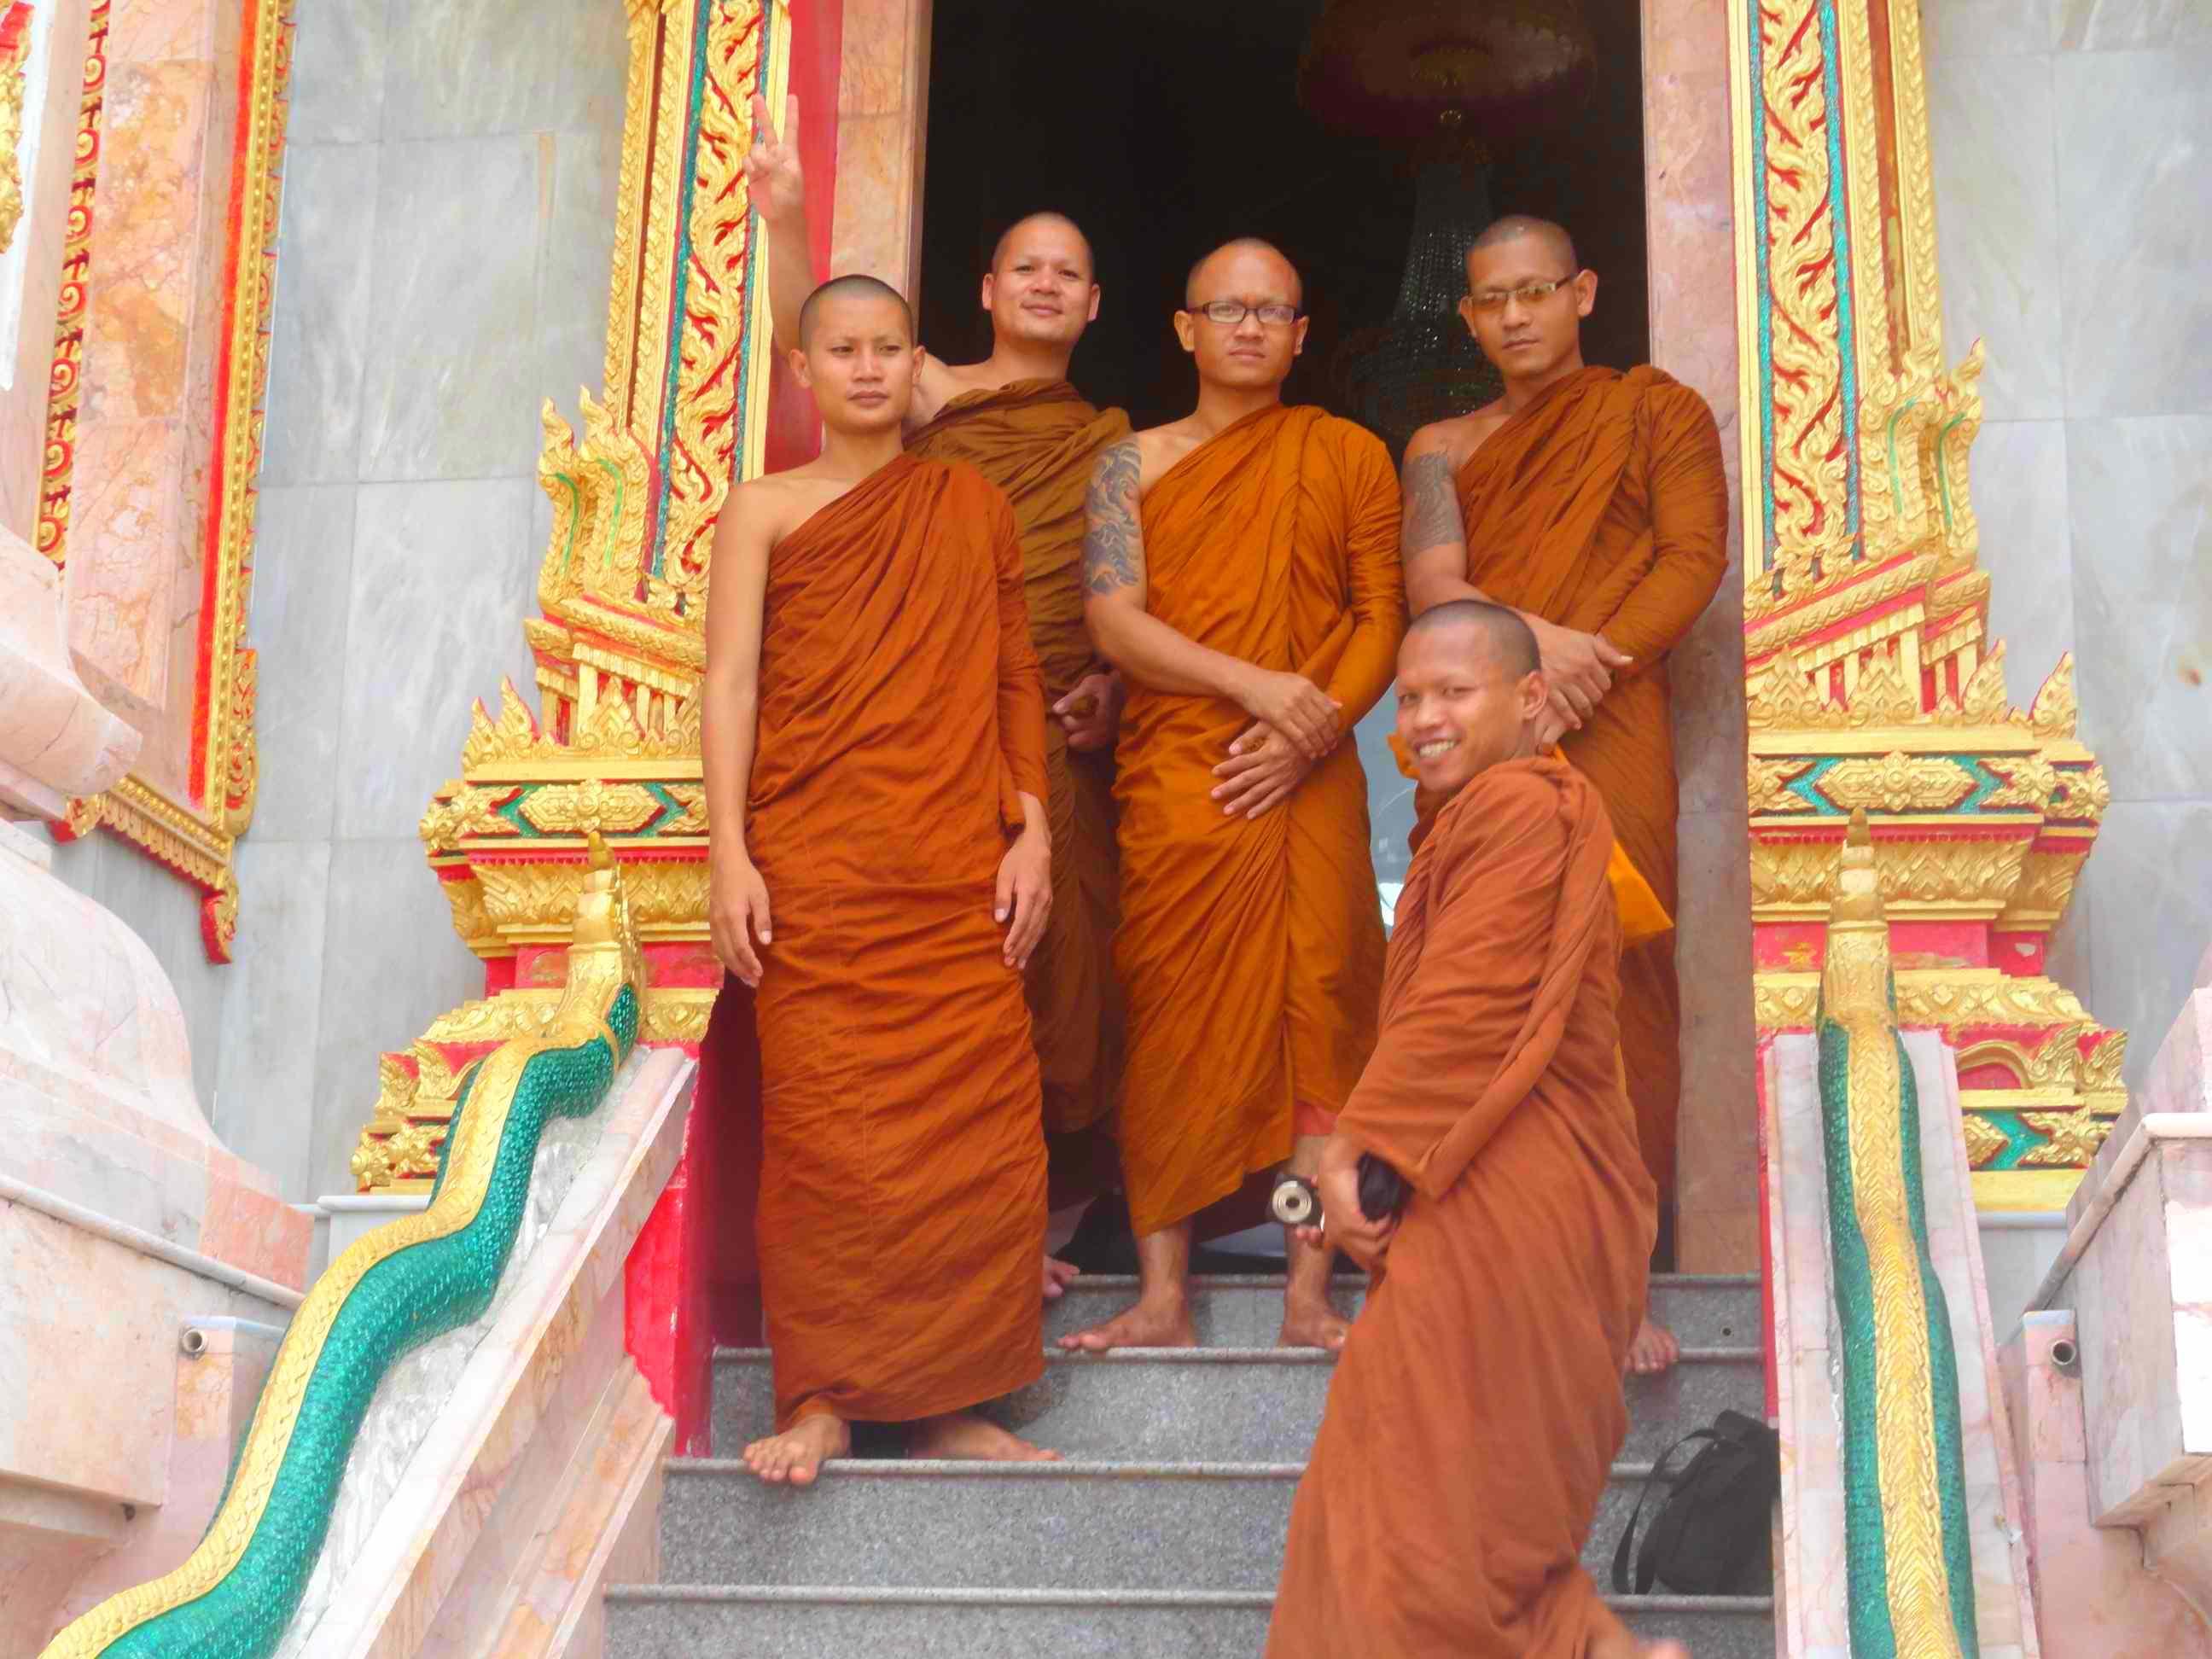 Сёрфинг с примесью буддизма. Пхукет 2011